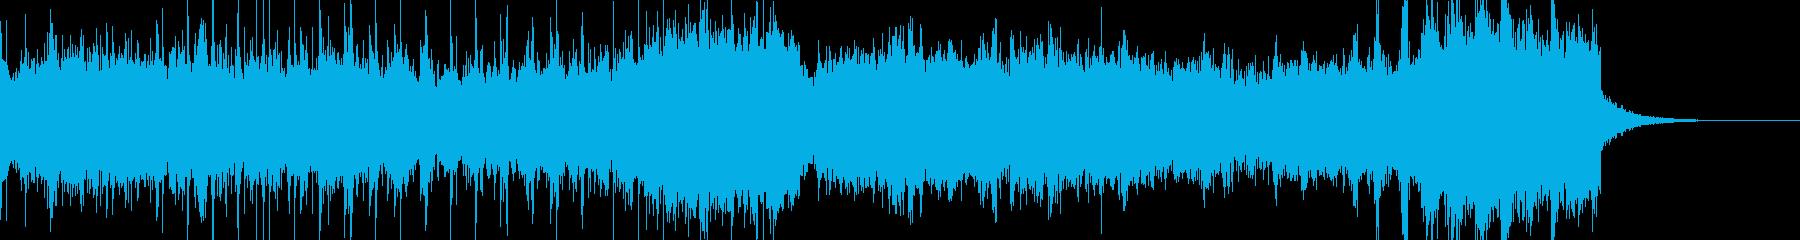 宇宙空間を表現したダークシンセ音の再生済みの波形